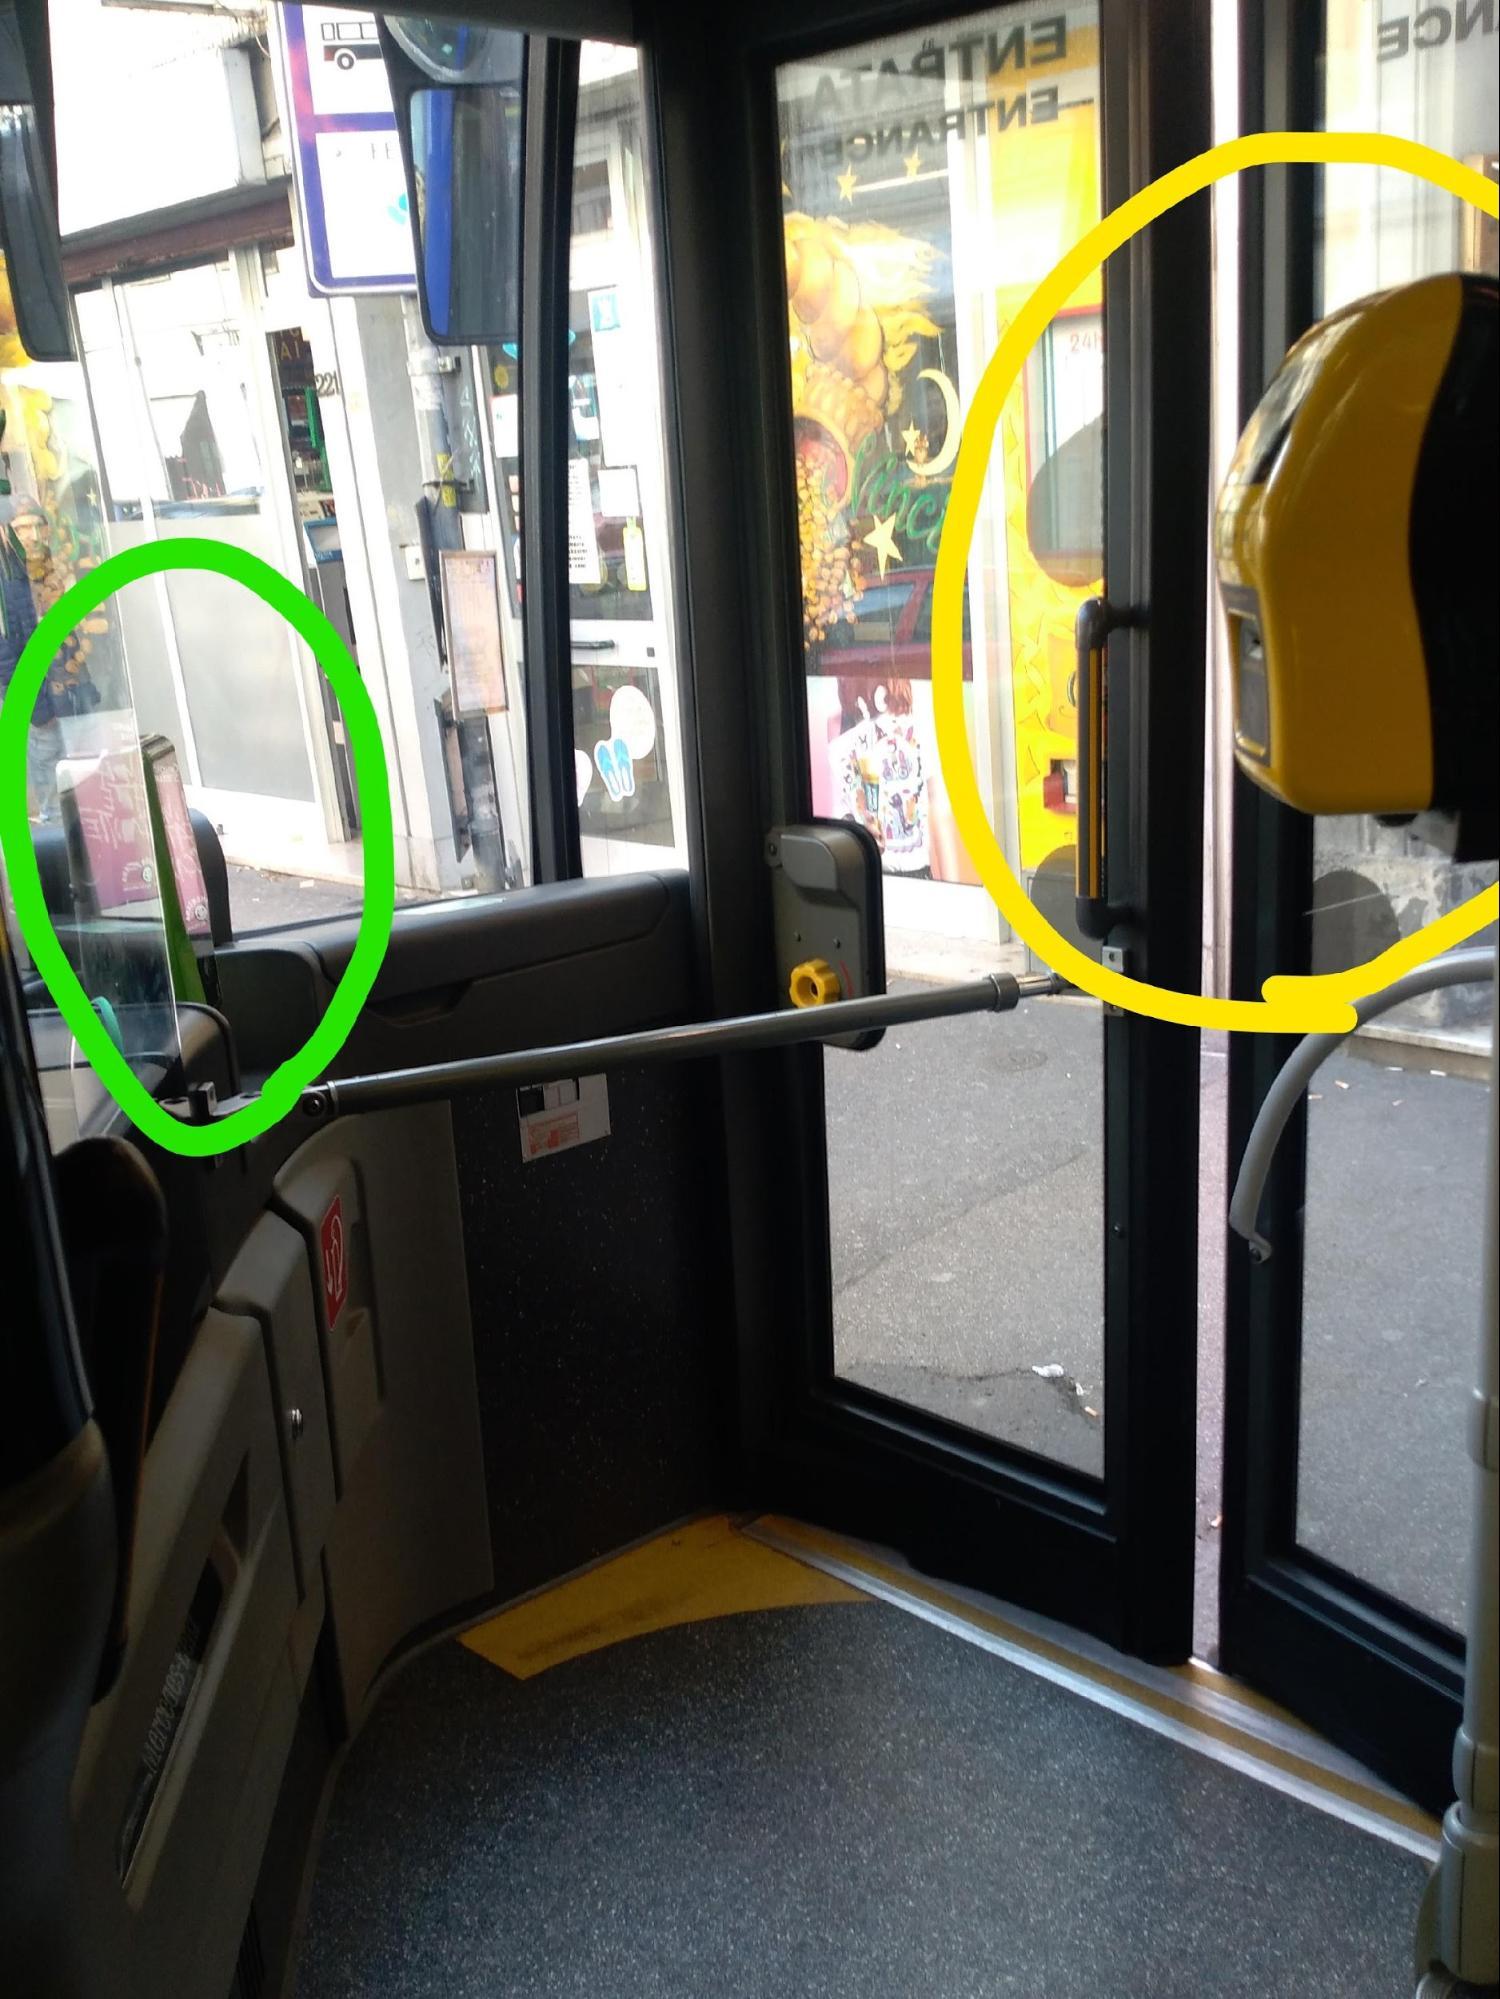 フィエーゾレ行きのバス・乗車口付近の機械